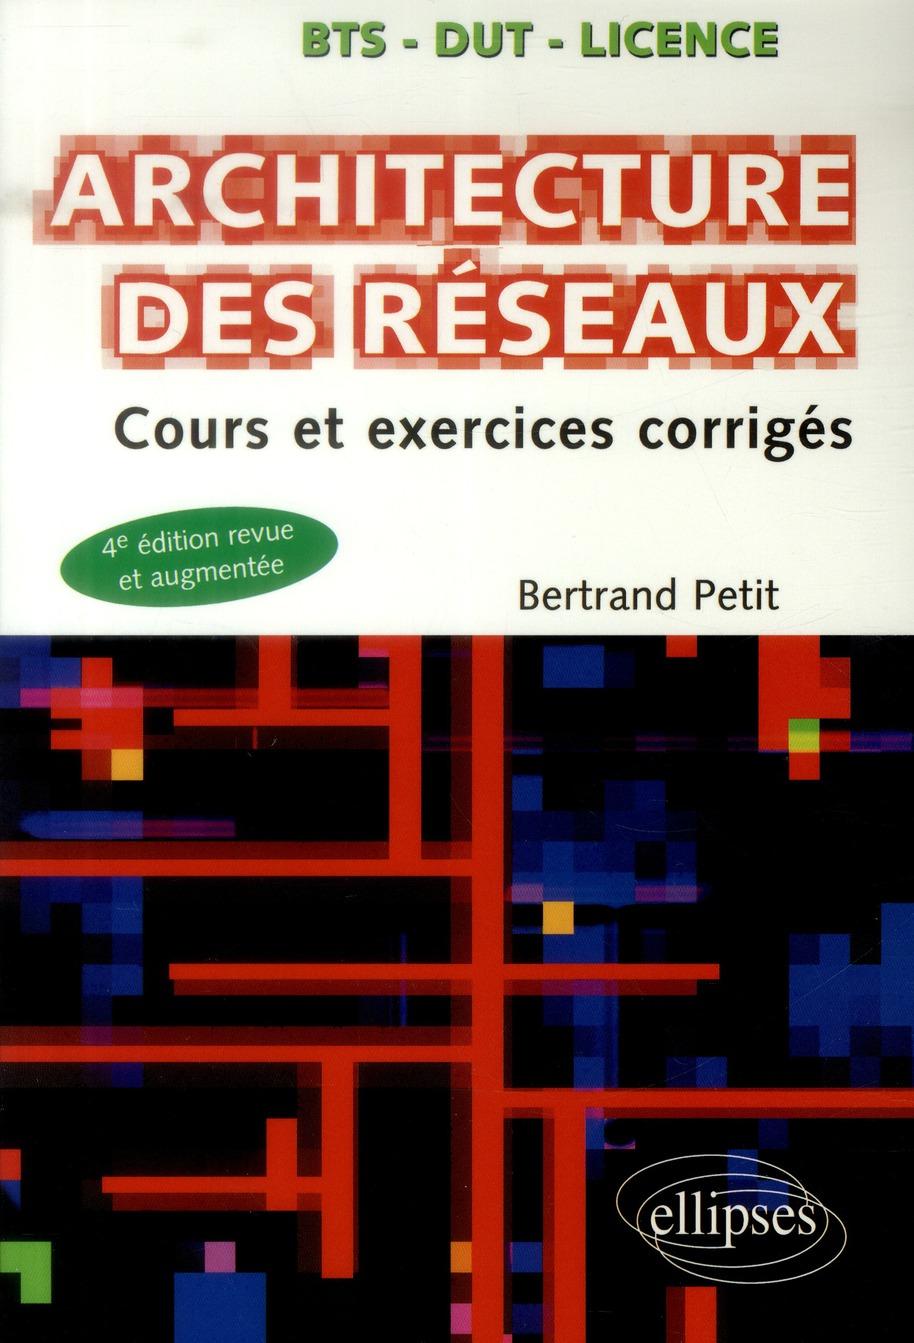 Architecture des réseaux ; cours et exercices corrigés (4e édition)